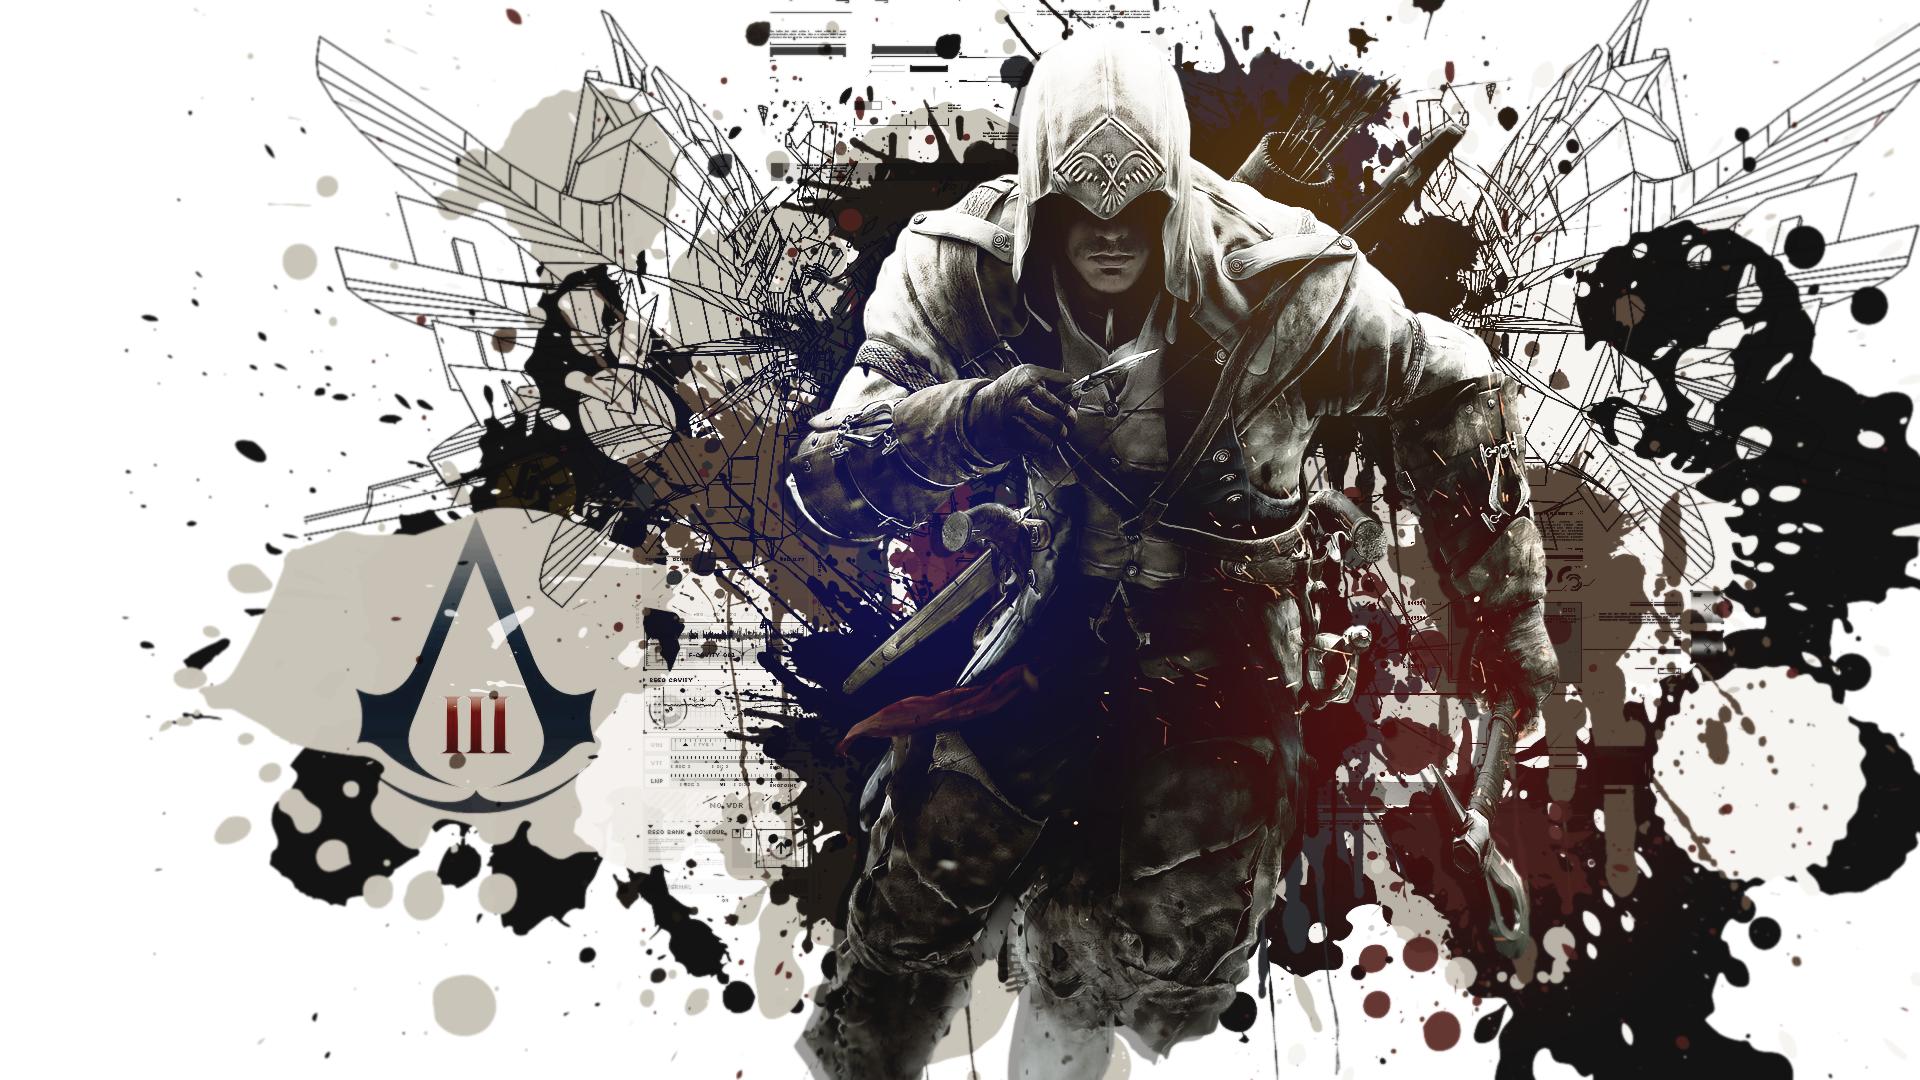 assassins creed black flag wallpaper 1080p